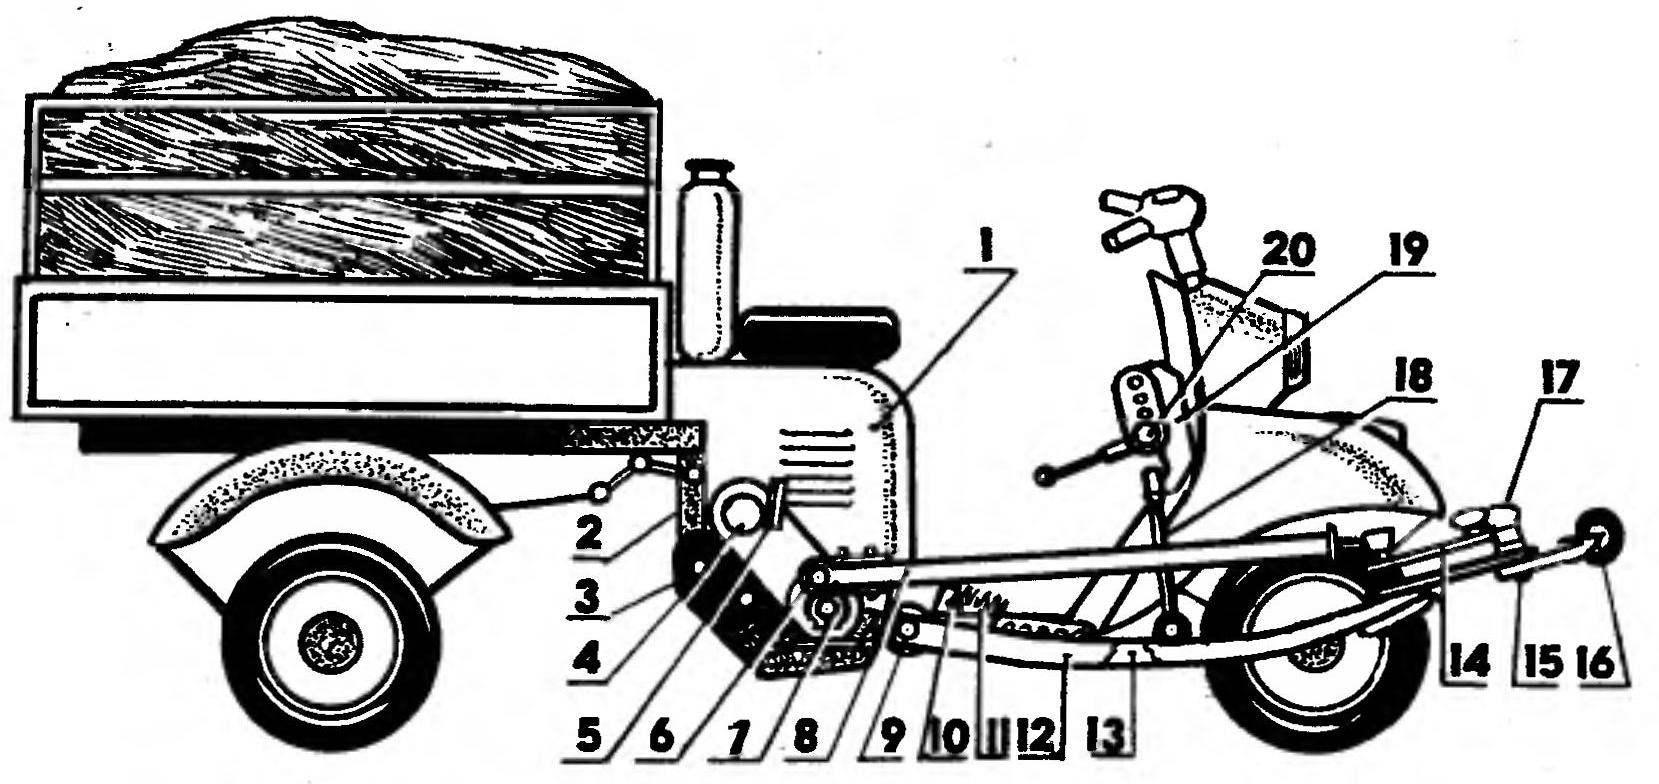 Расположение основных узлов и деталей косилки на мотороллере